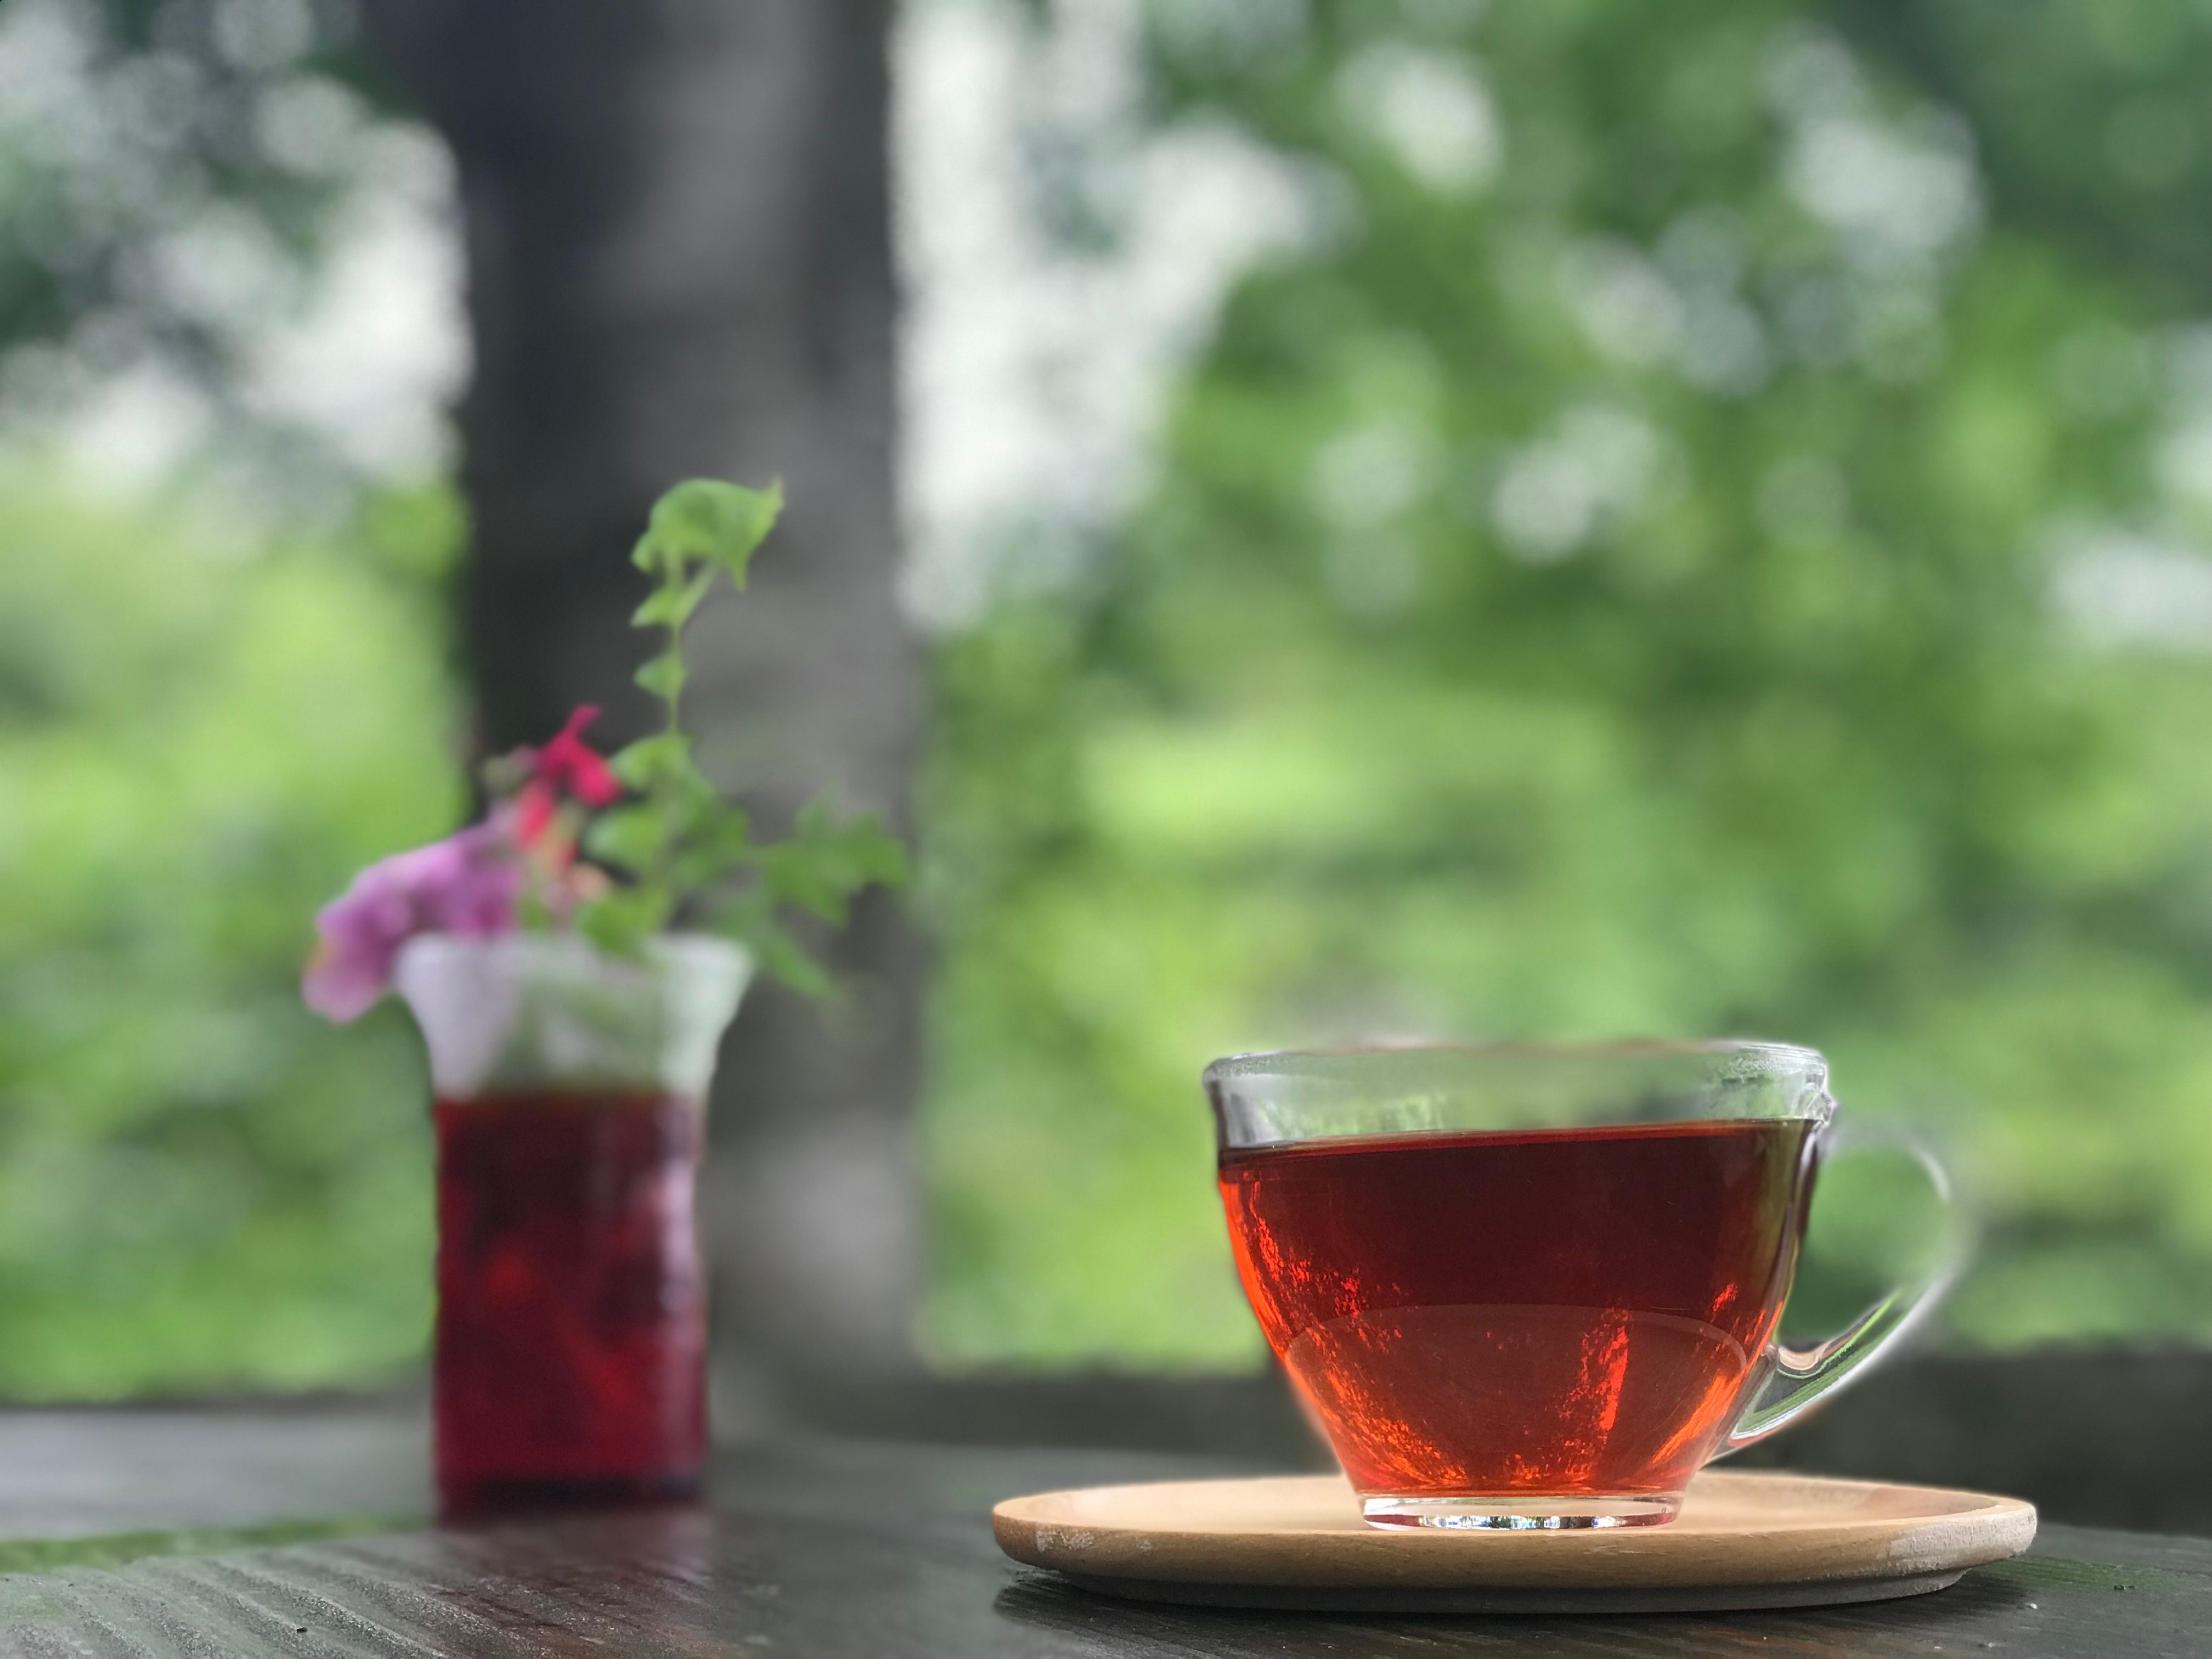 セイロンティー ラッキーセレクション(摘みたての新茶の紅茶)